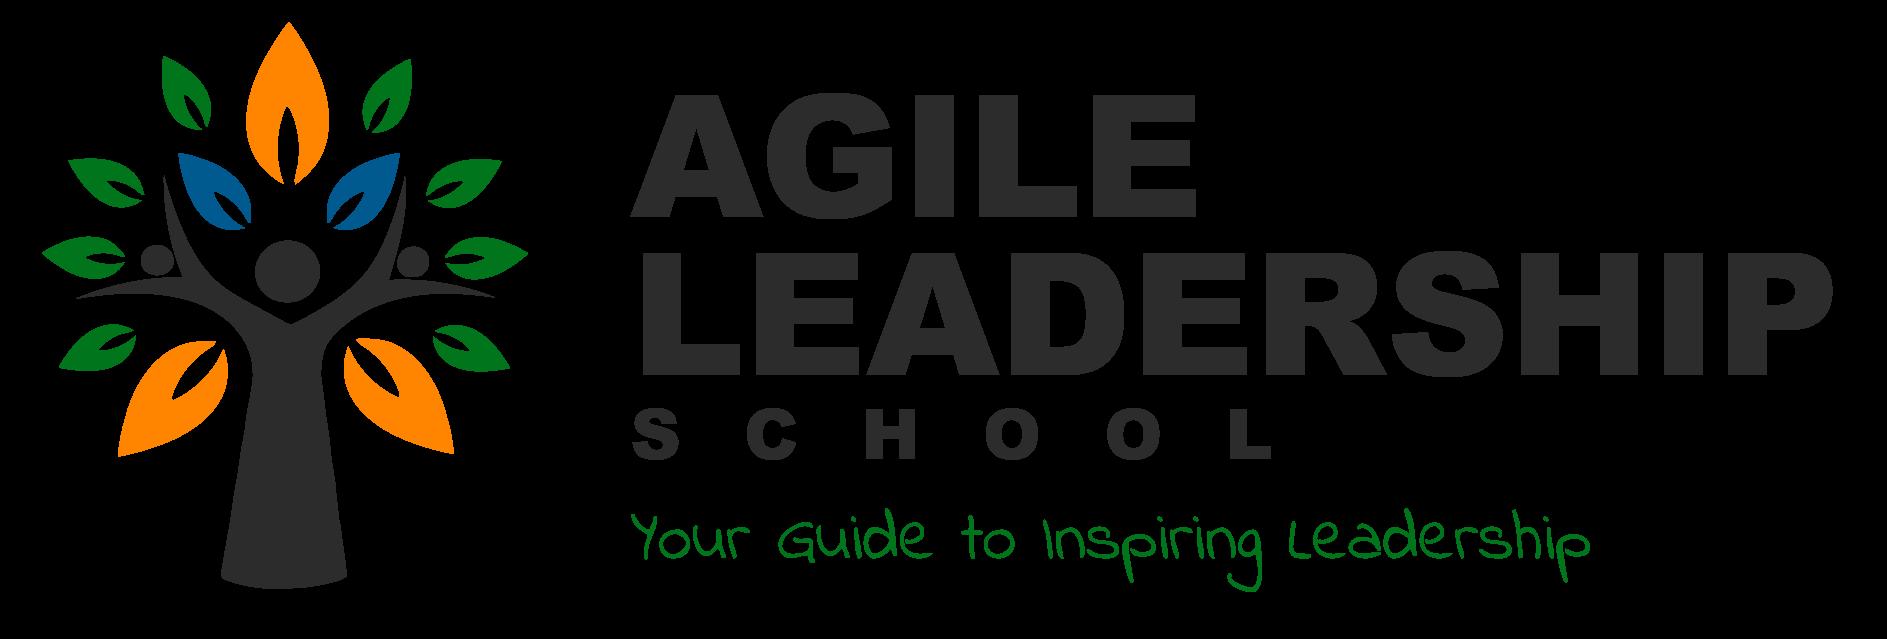 Agile Leadership School